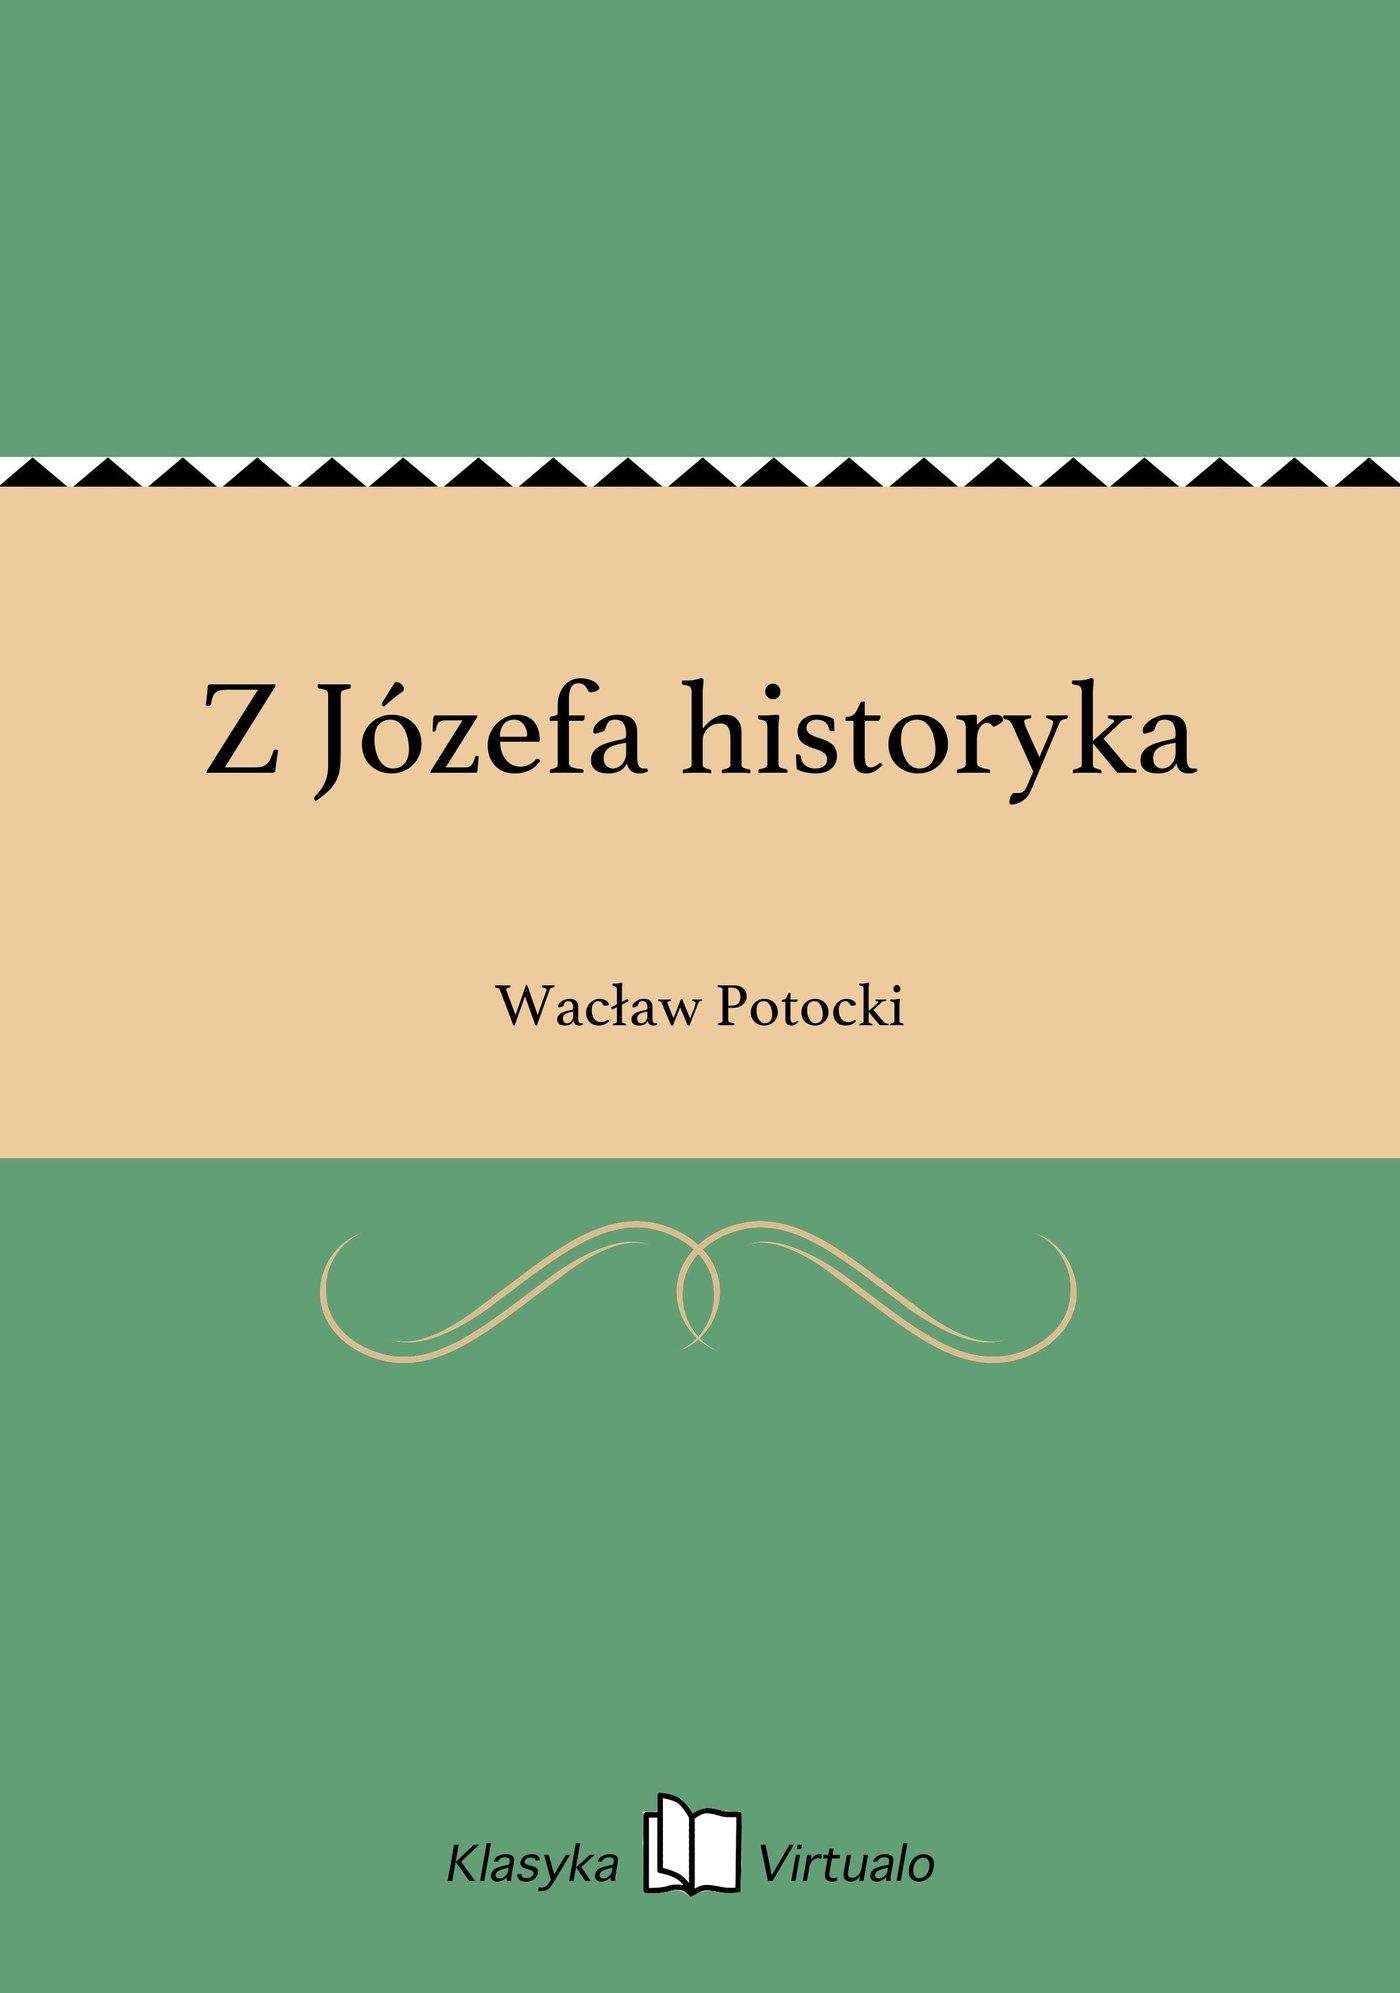 Z Józefa historyka - Ebook (Książka na Kindle) do pobrania w formacie MOBI